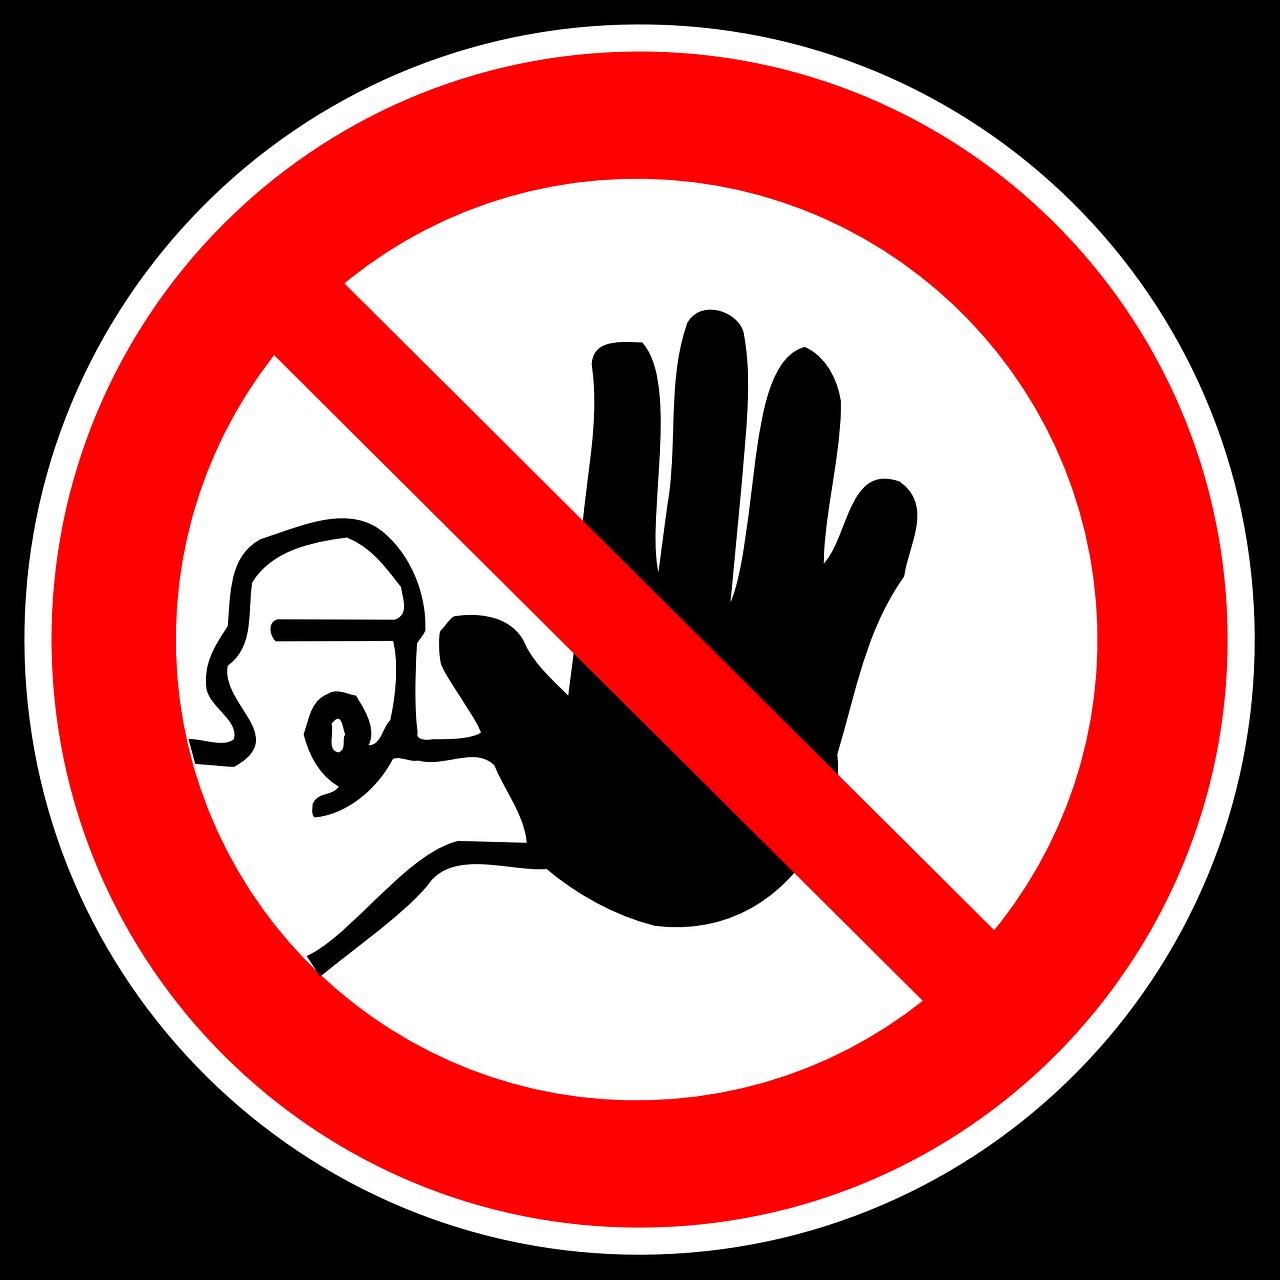 Verbots zeichen 1514547915